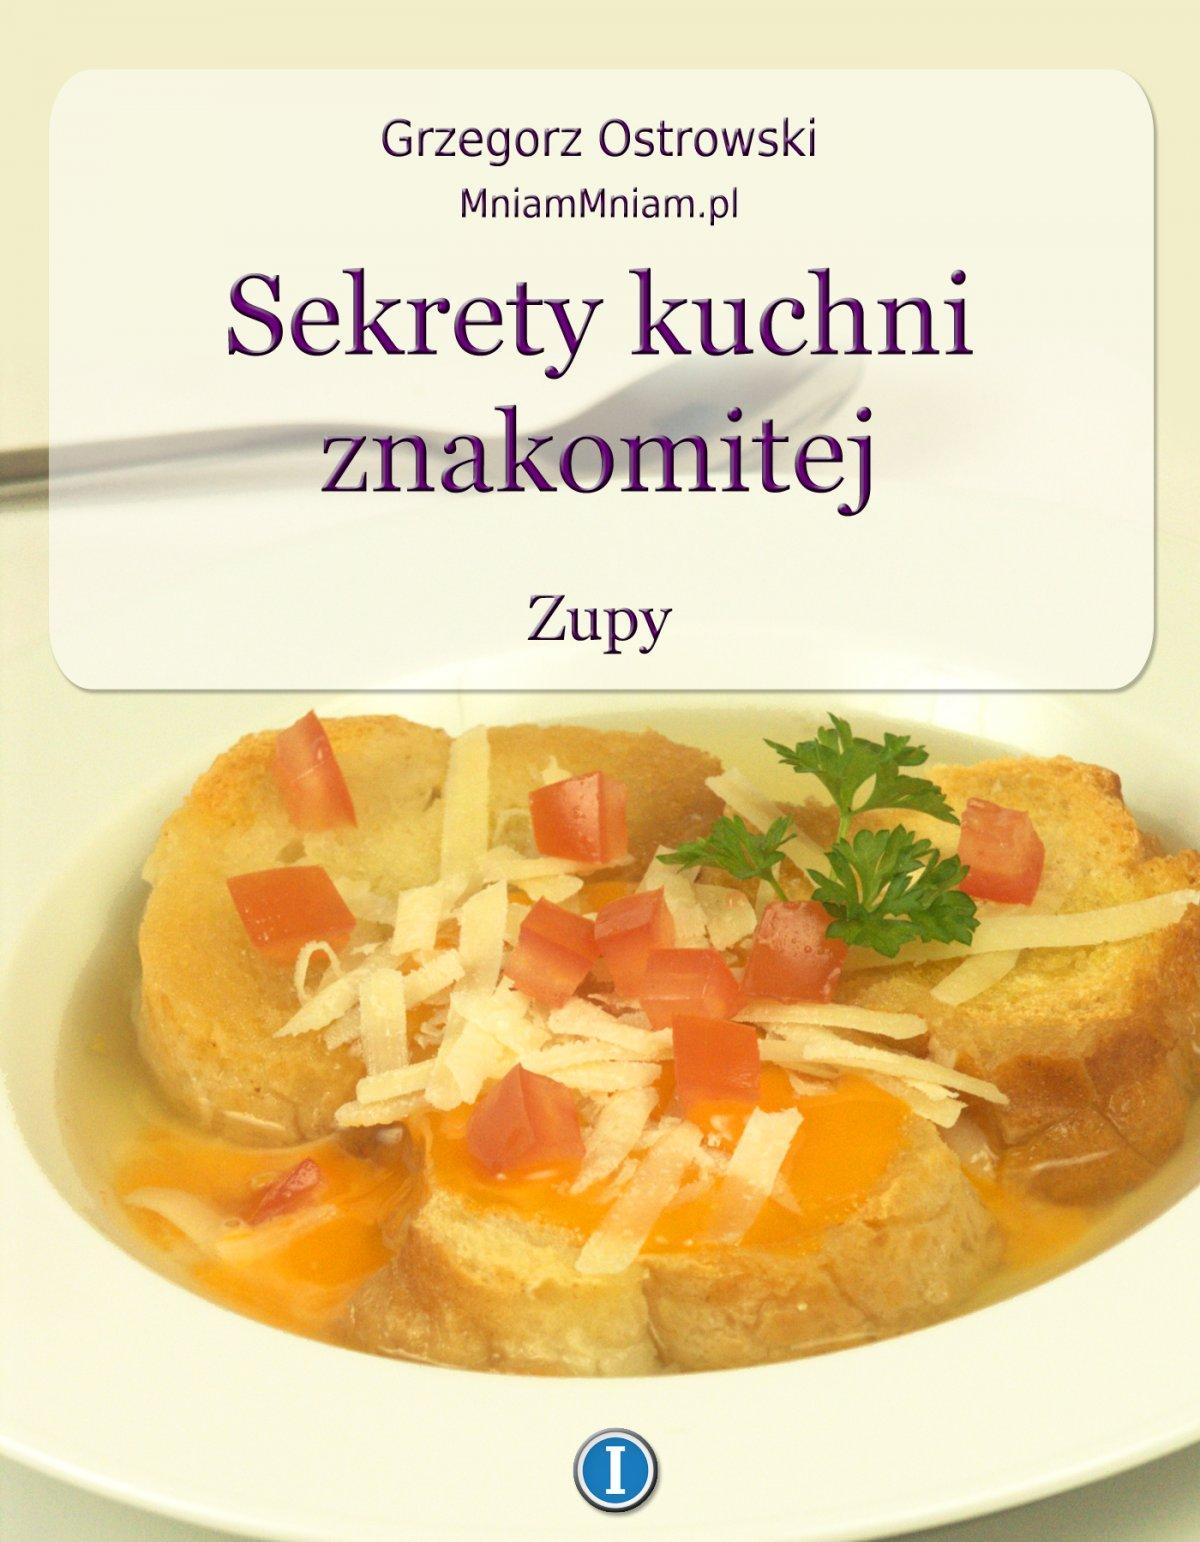 Sekrety kuchni znakomitej. Zupy - Ebook (Książka EPUB) do pobrania w formacie EPUB